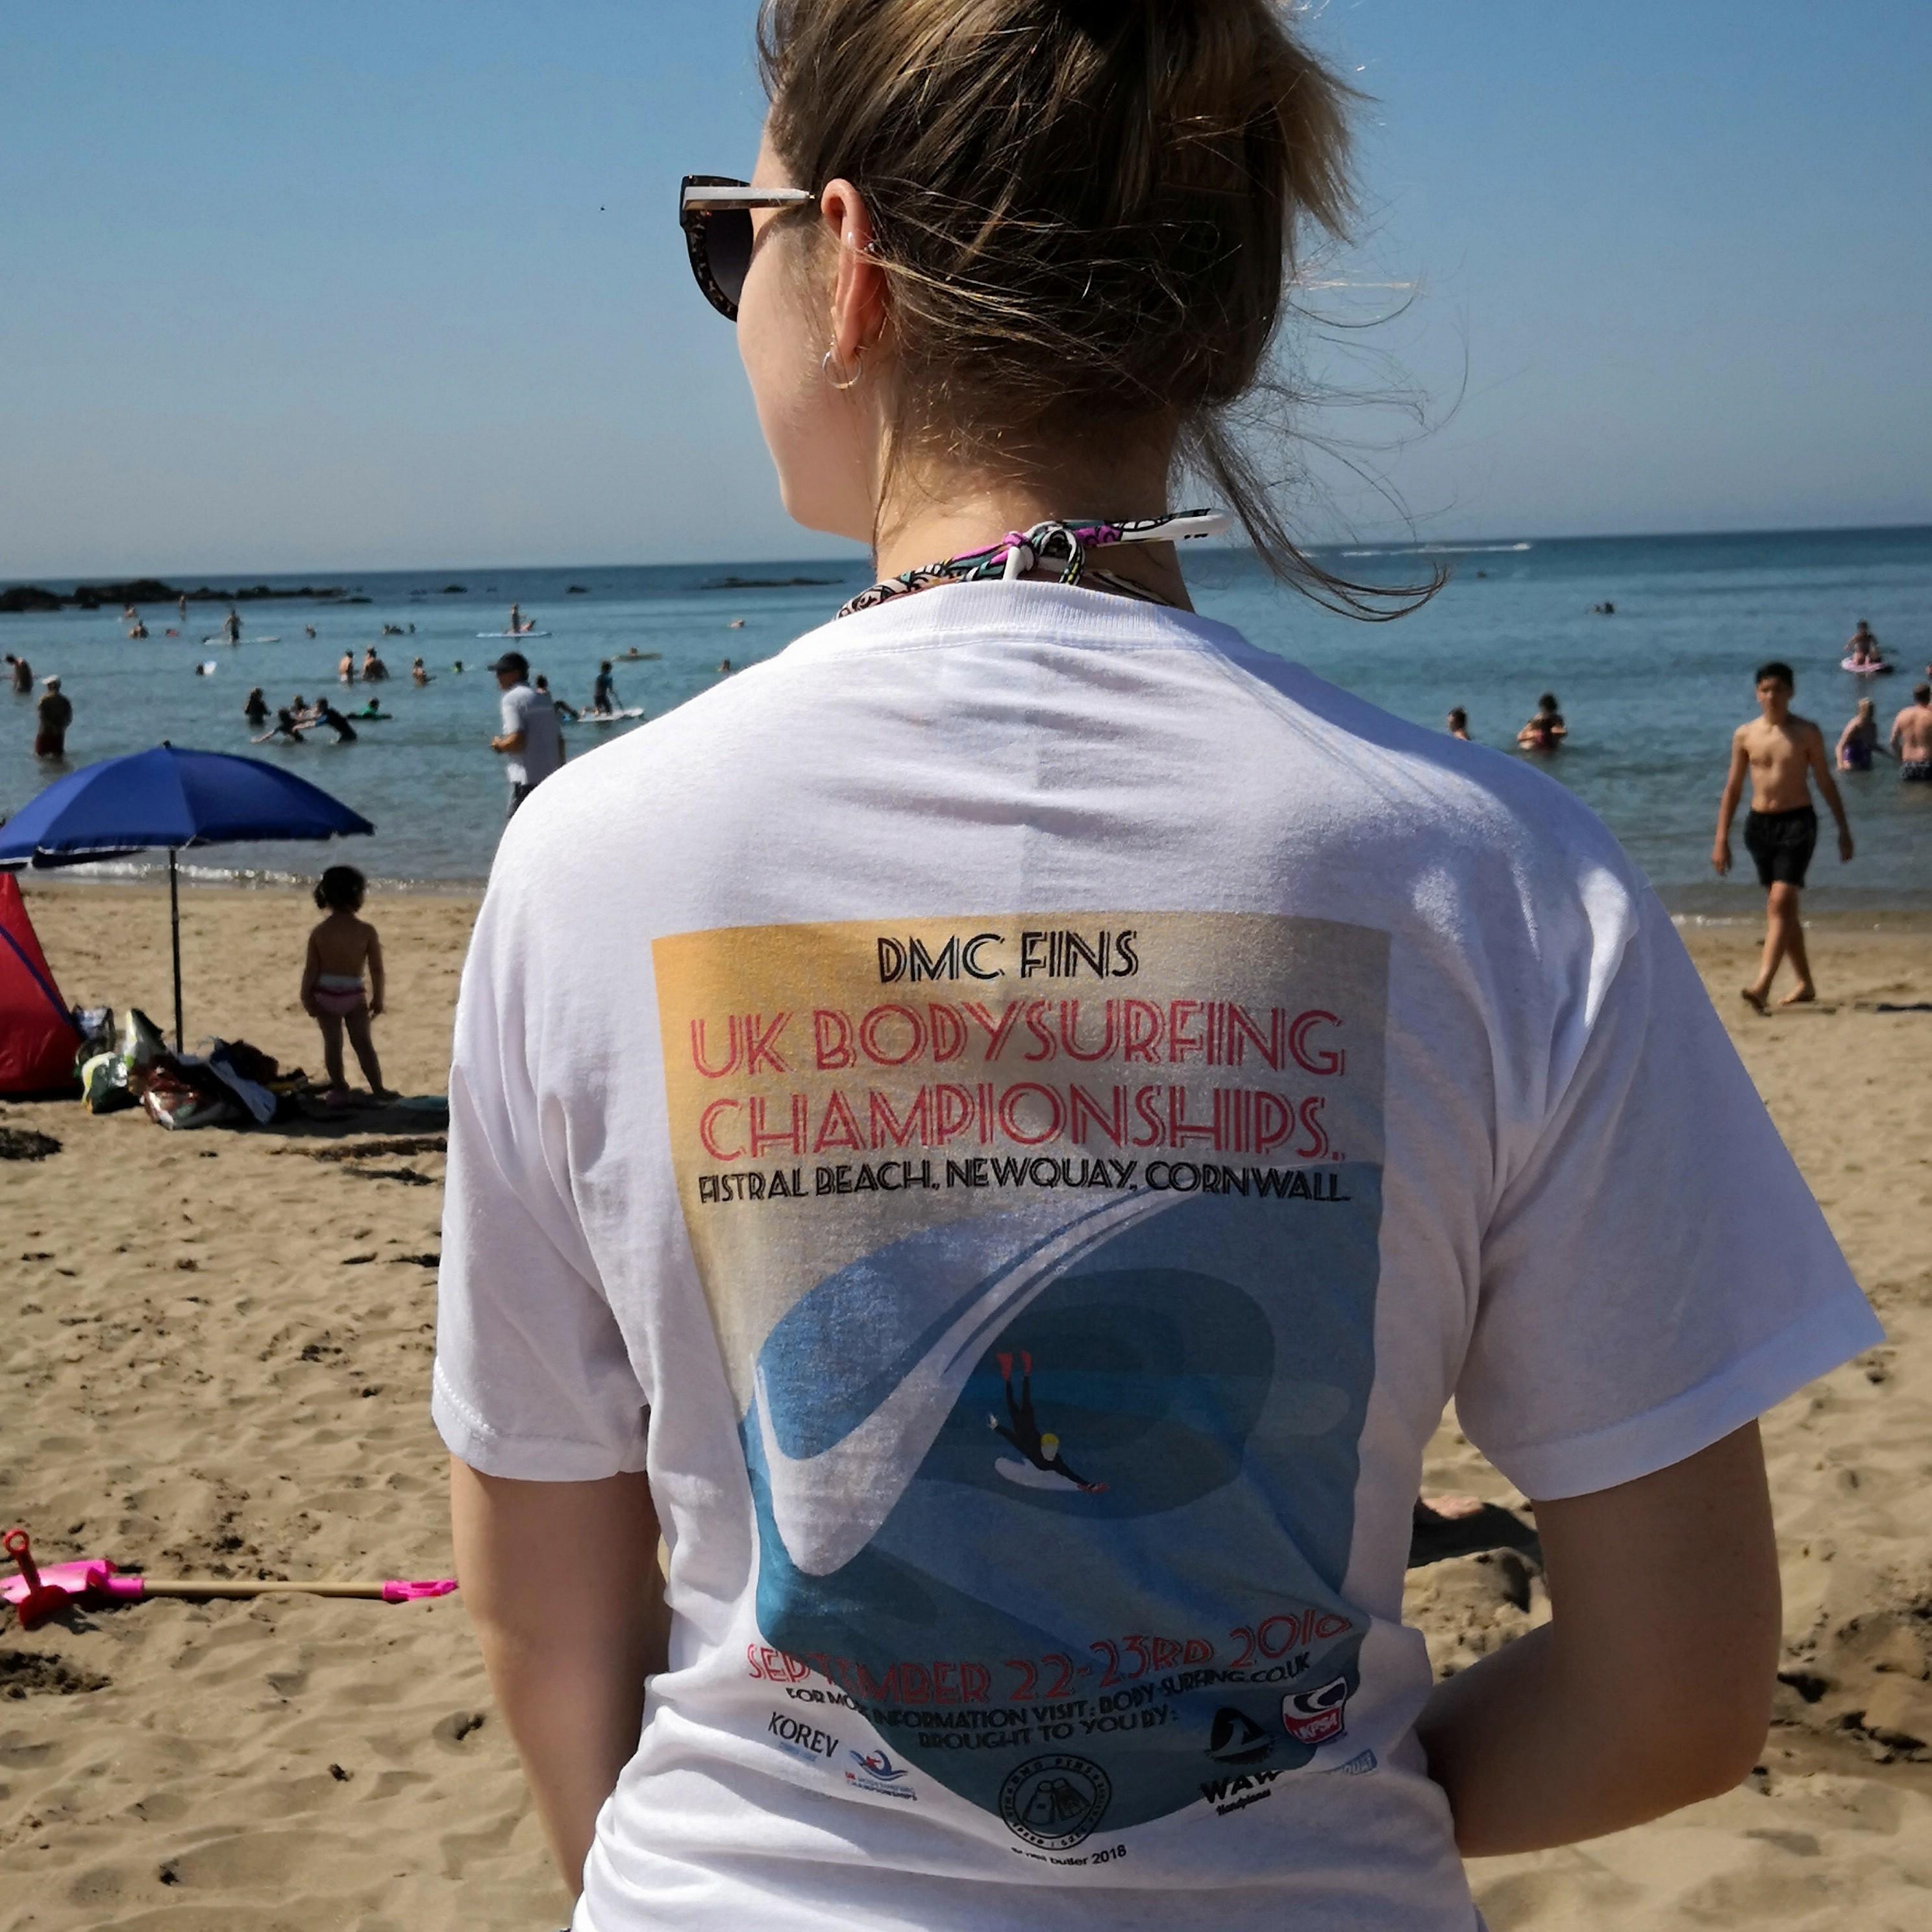 UK Bodysurfing Championships t-shirts